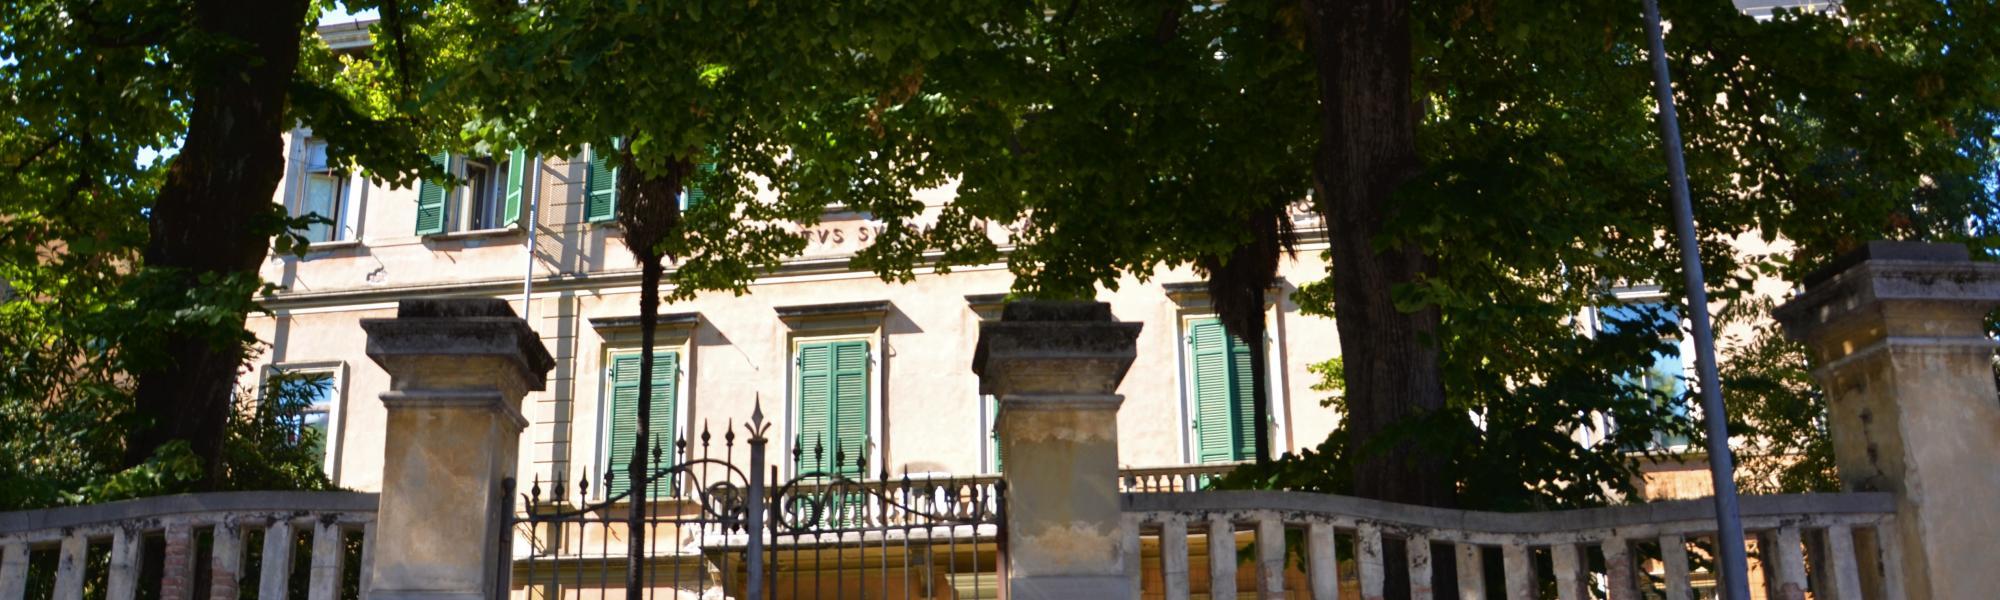 Istituto di Biomedicina, via San Zeno (L. Corevi, Comune di Pisa)